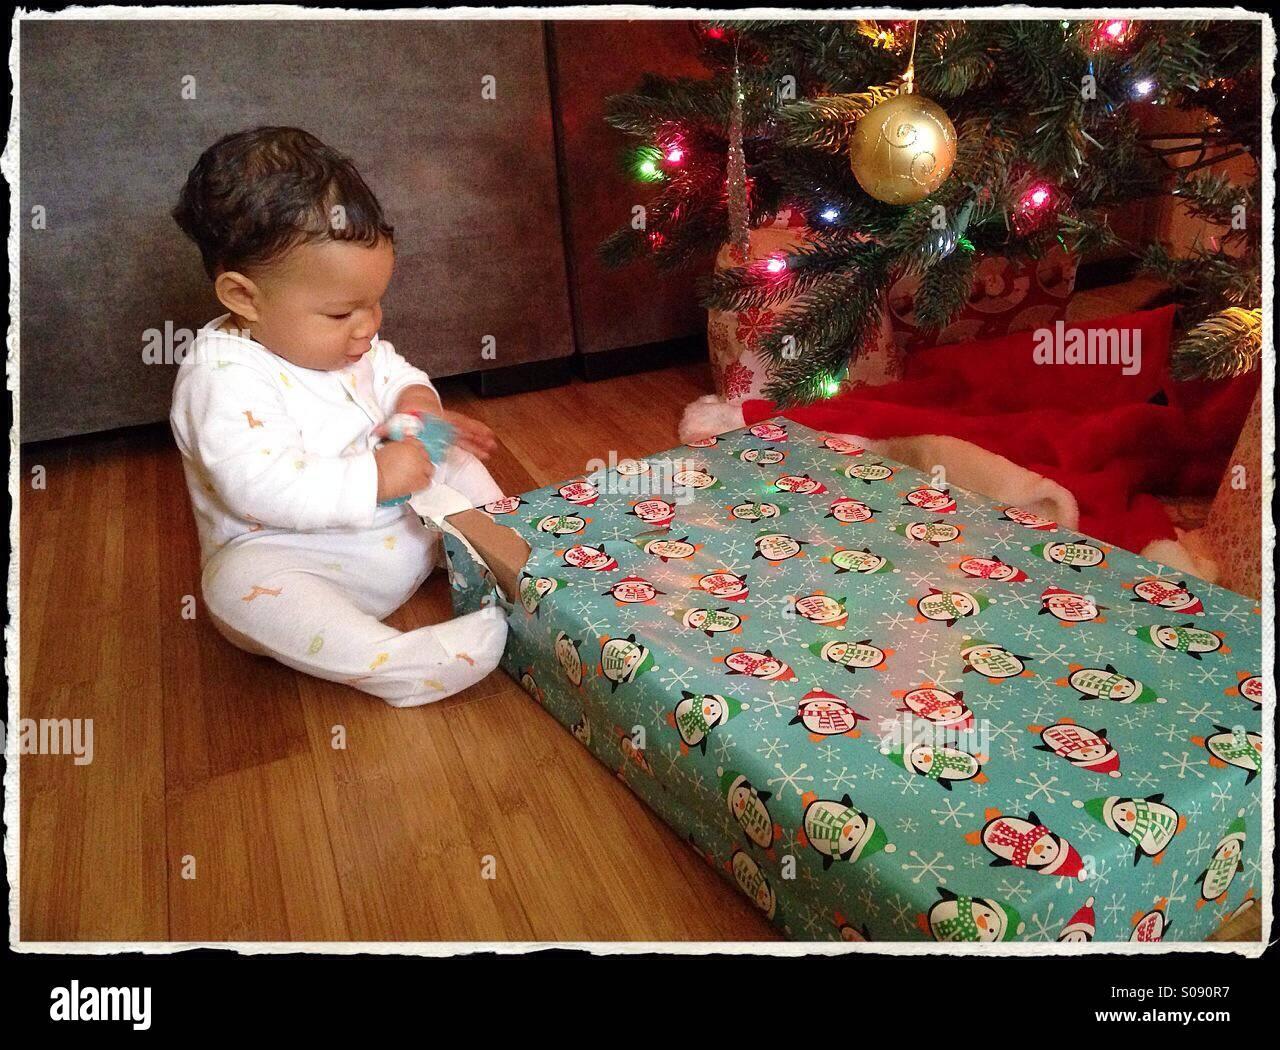 La Primera Navidad del Bebé Imagen De Stock